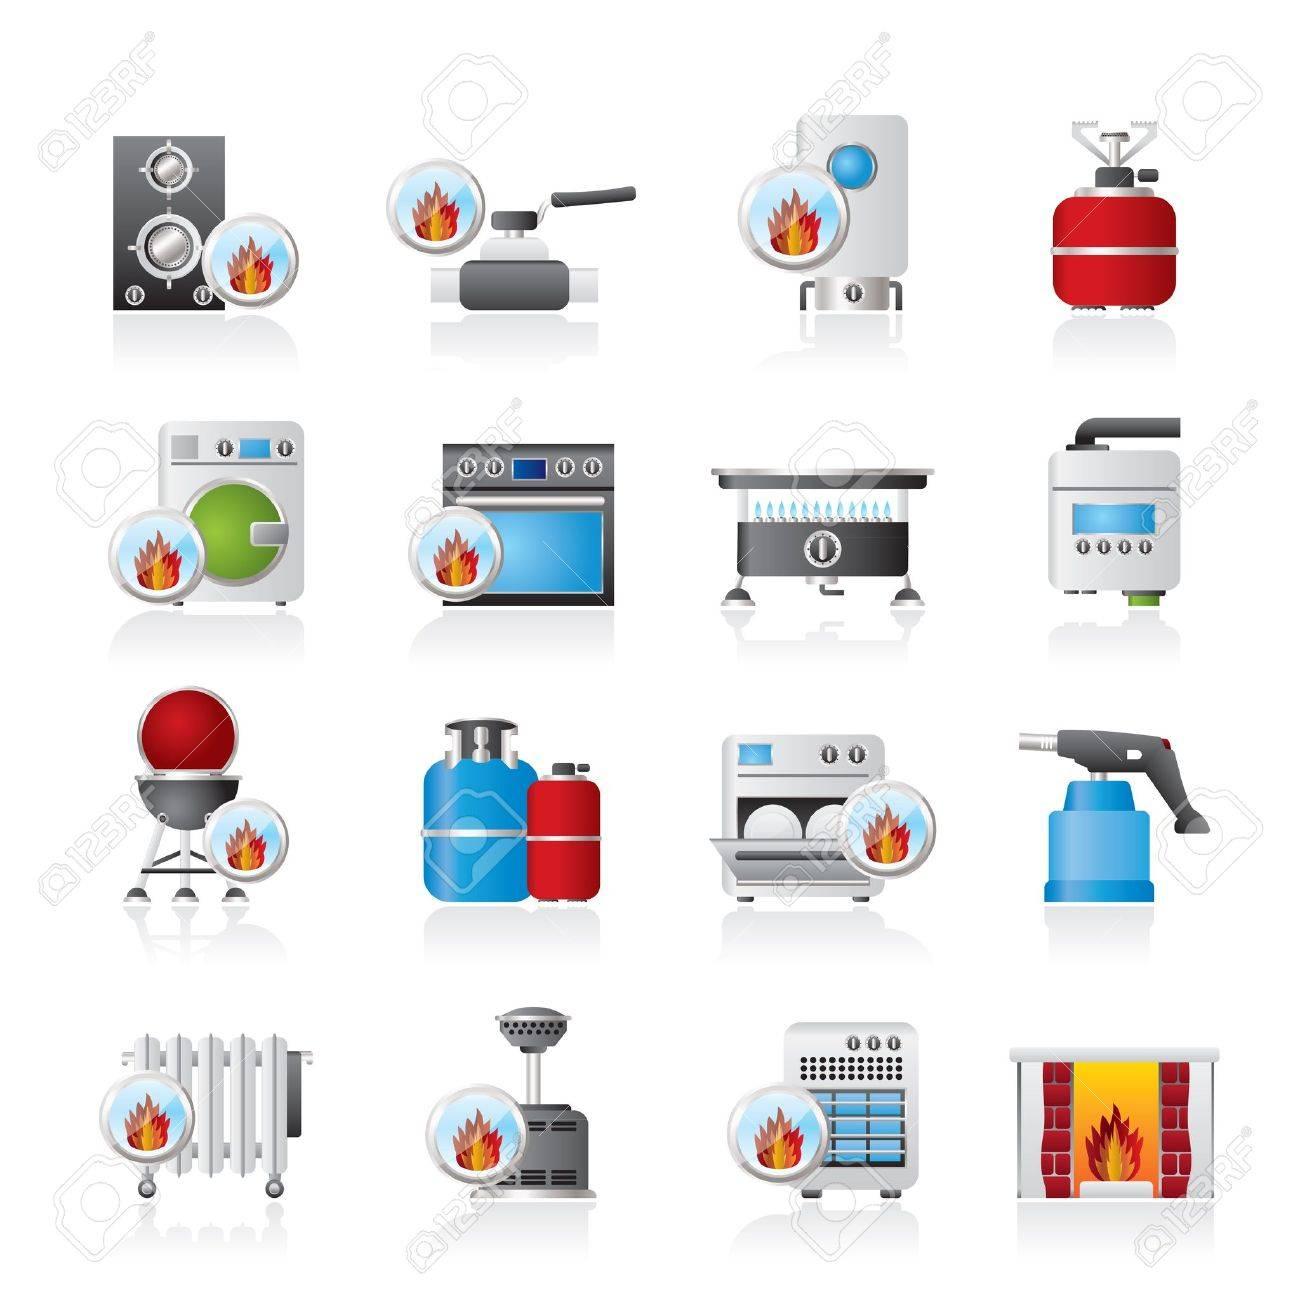 Household Gas Appliances icons - icon set - 17590456